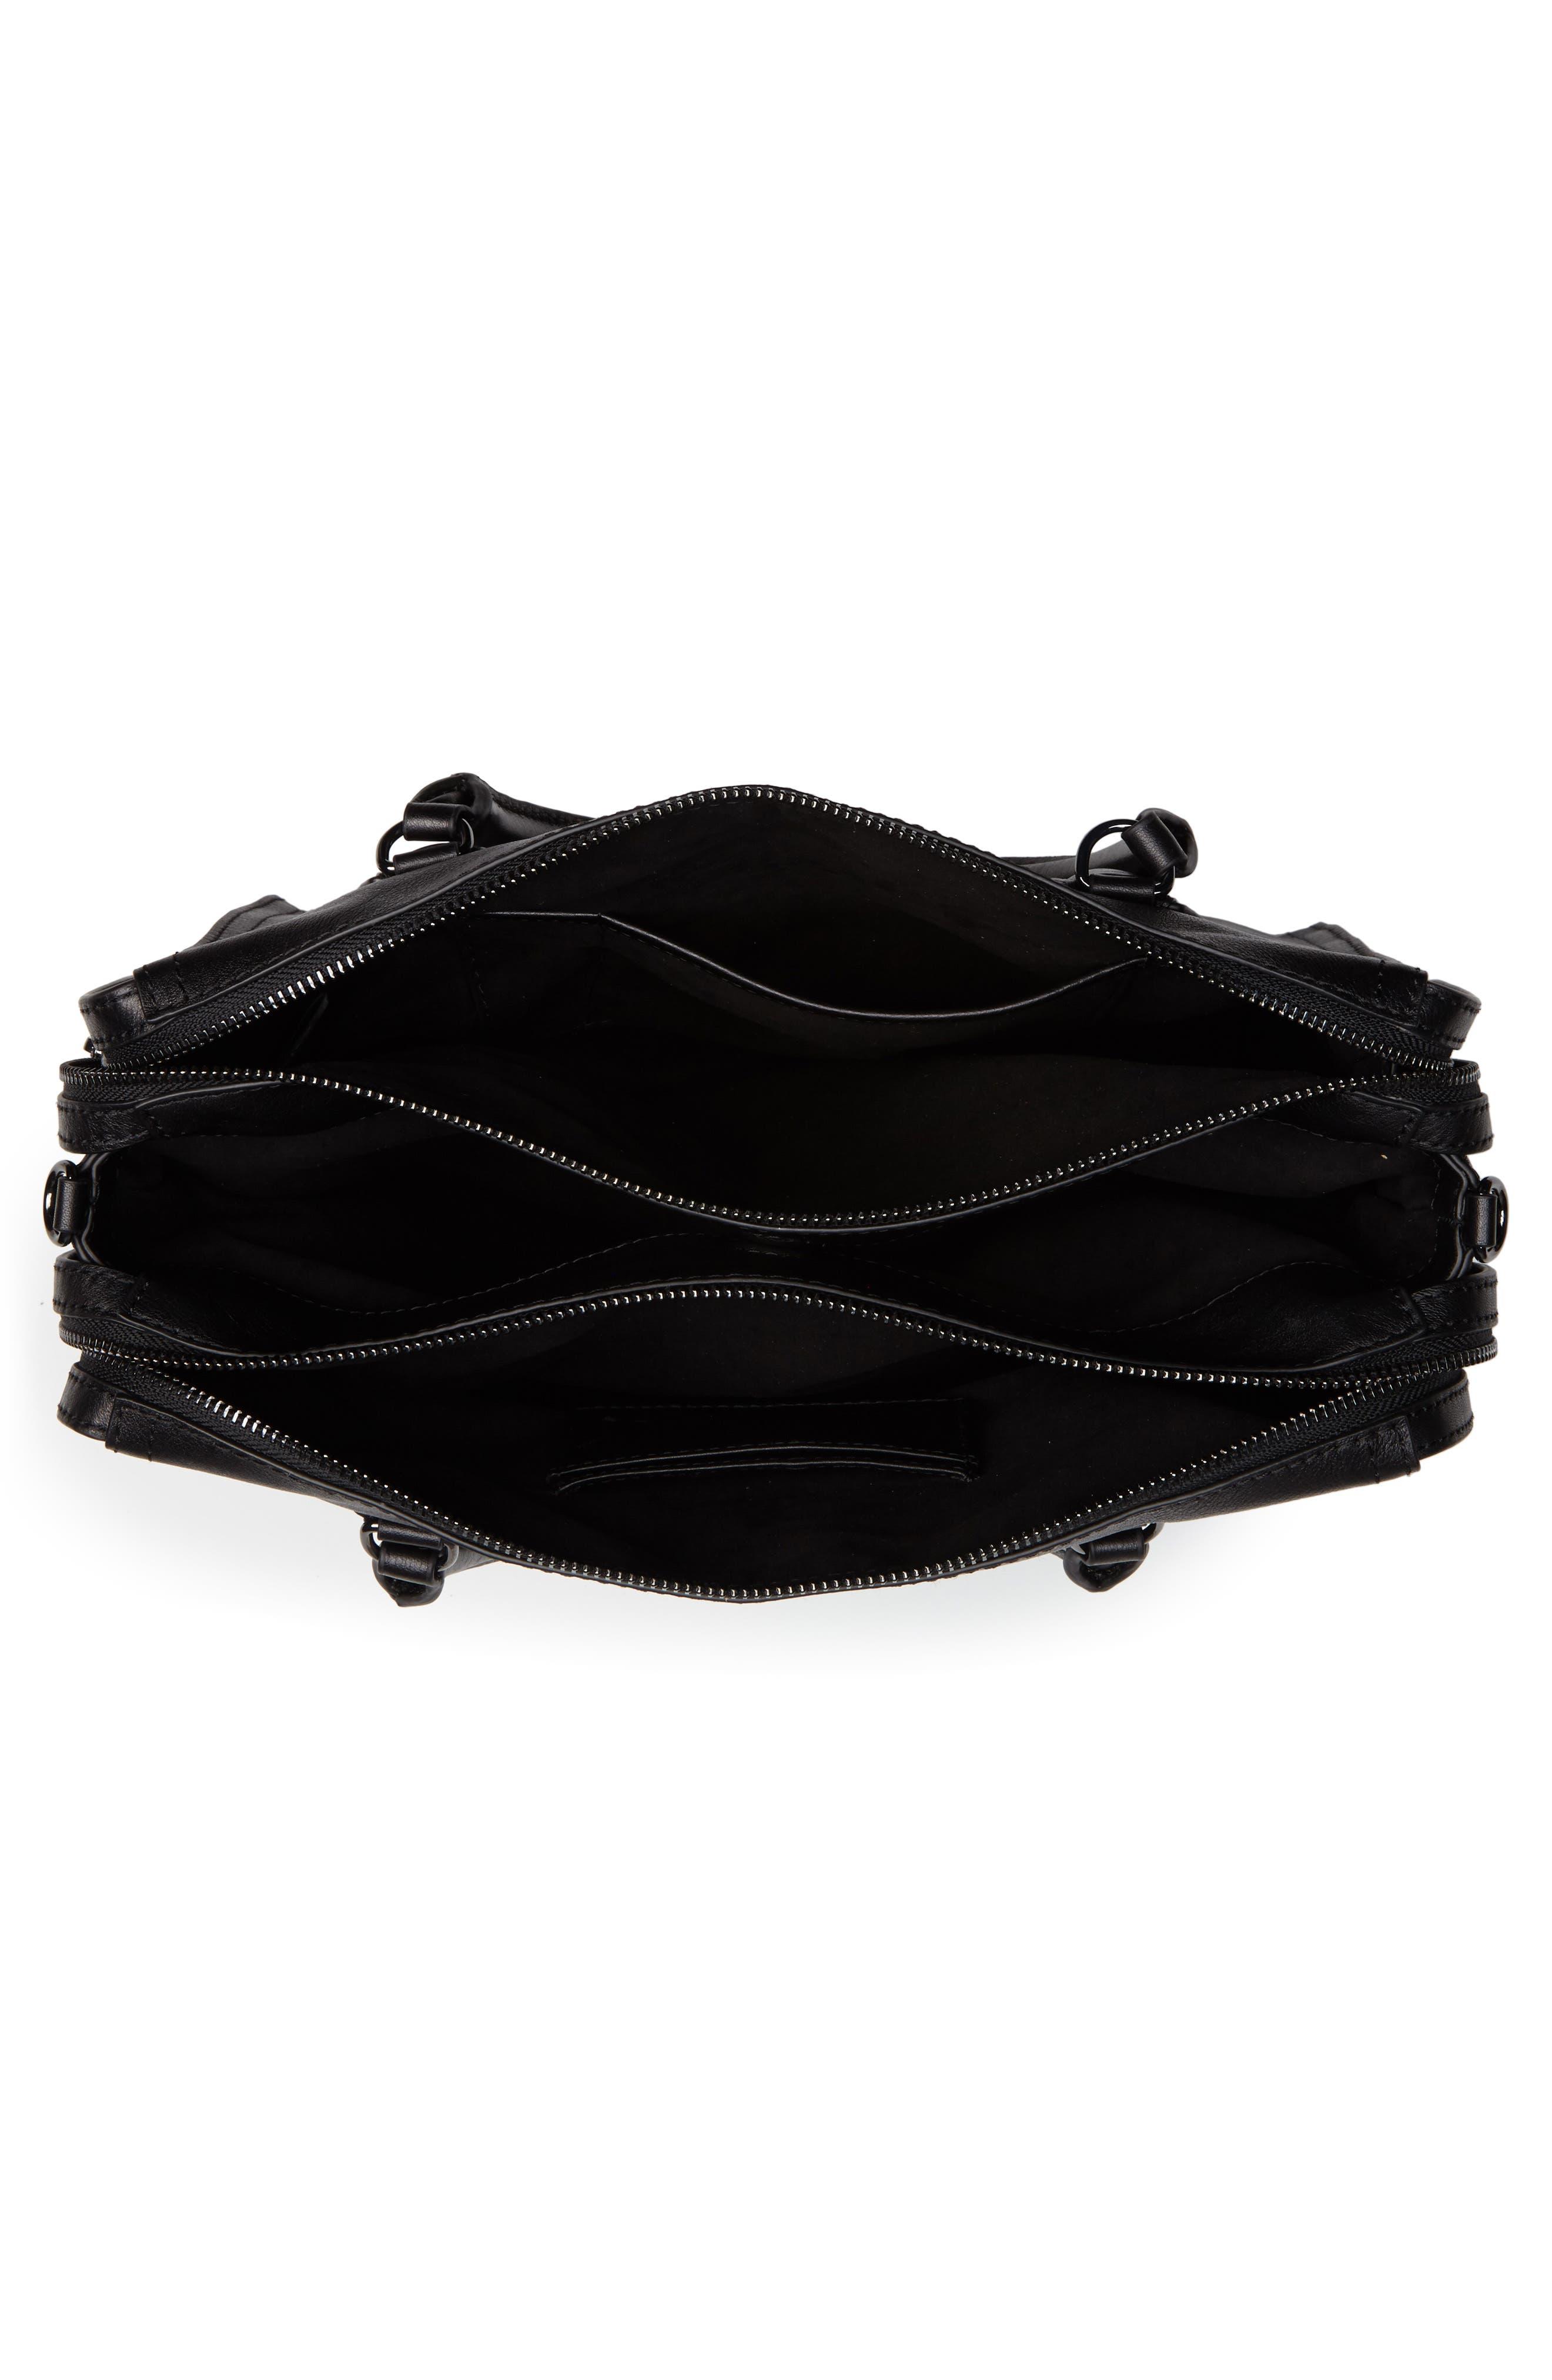 Moto Leather Top Handle Satchel,                             Alternate thumbnail 4, color,                             BLACK